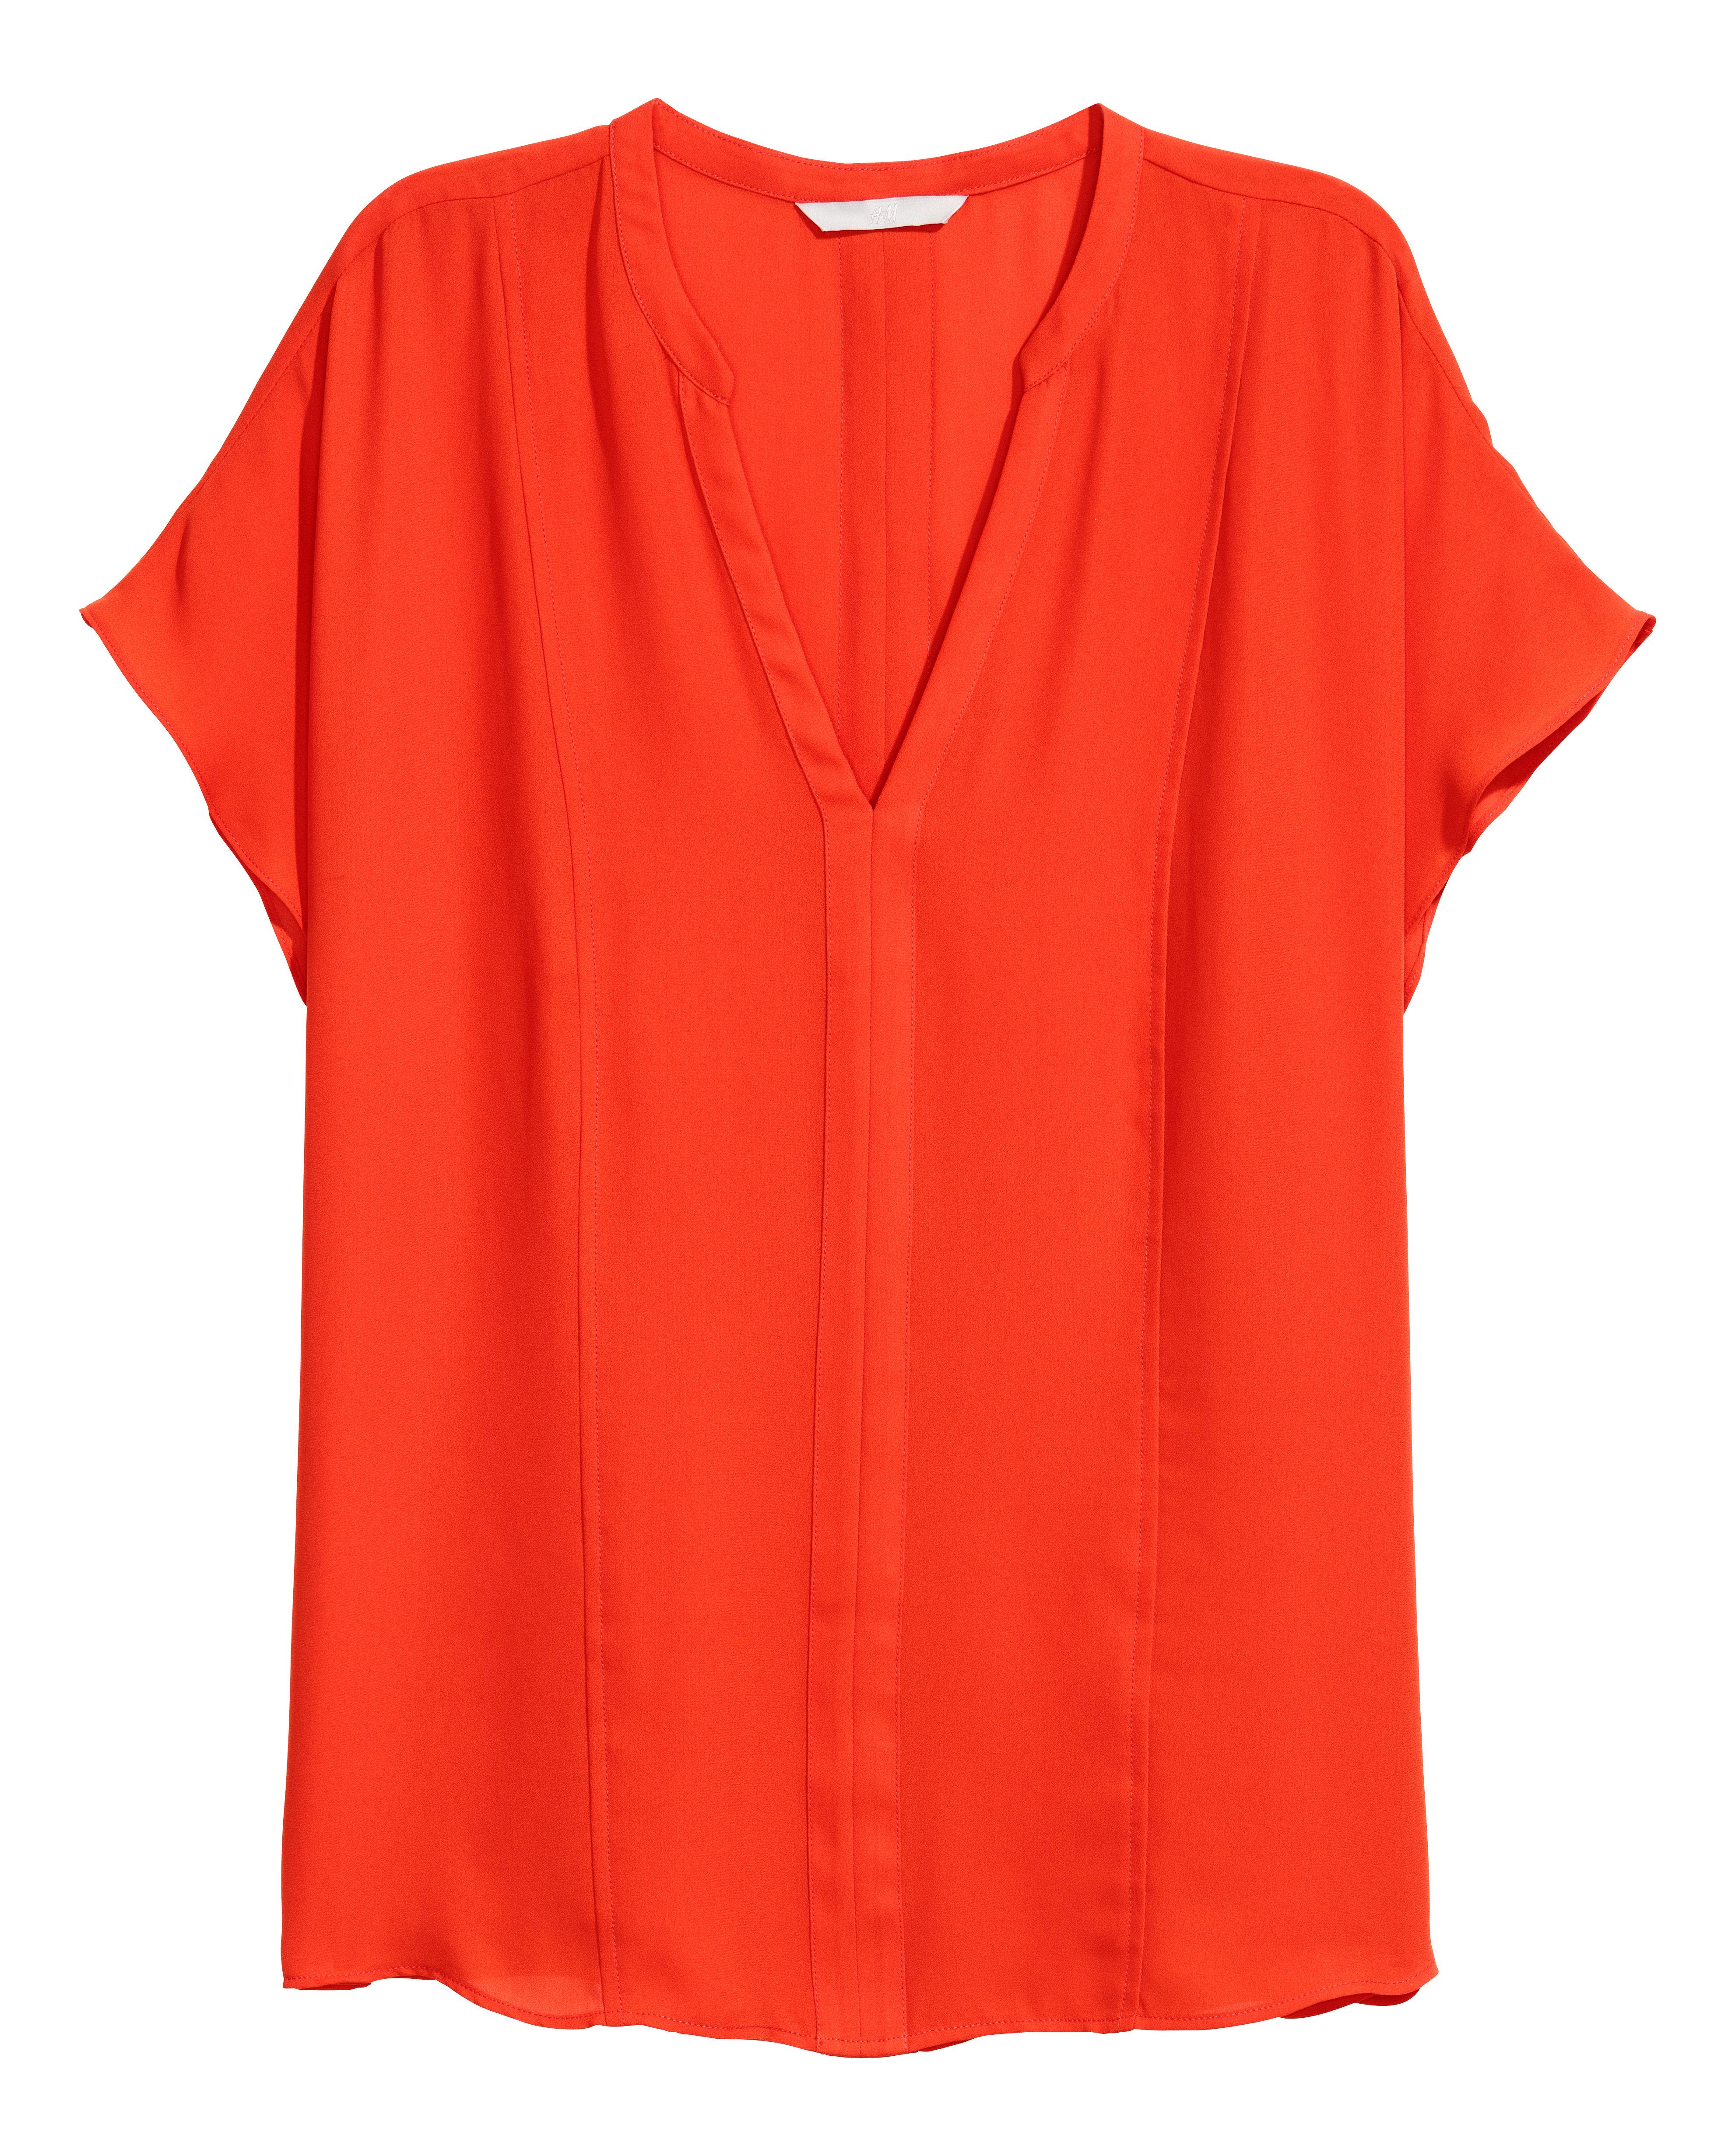 2fb616ba4ff0 H&M Kläder & Skor | Shoppa Online | Afound